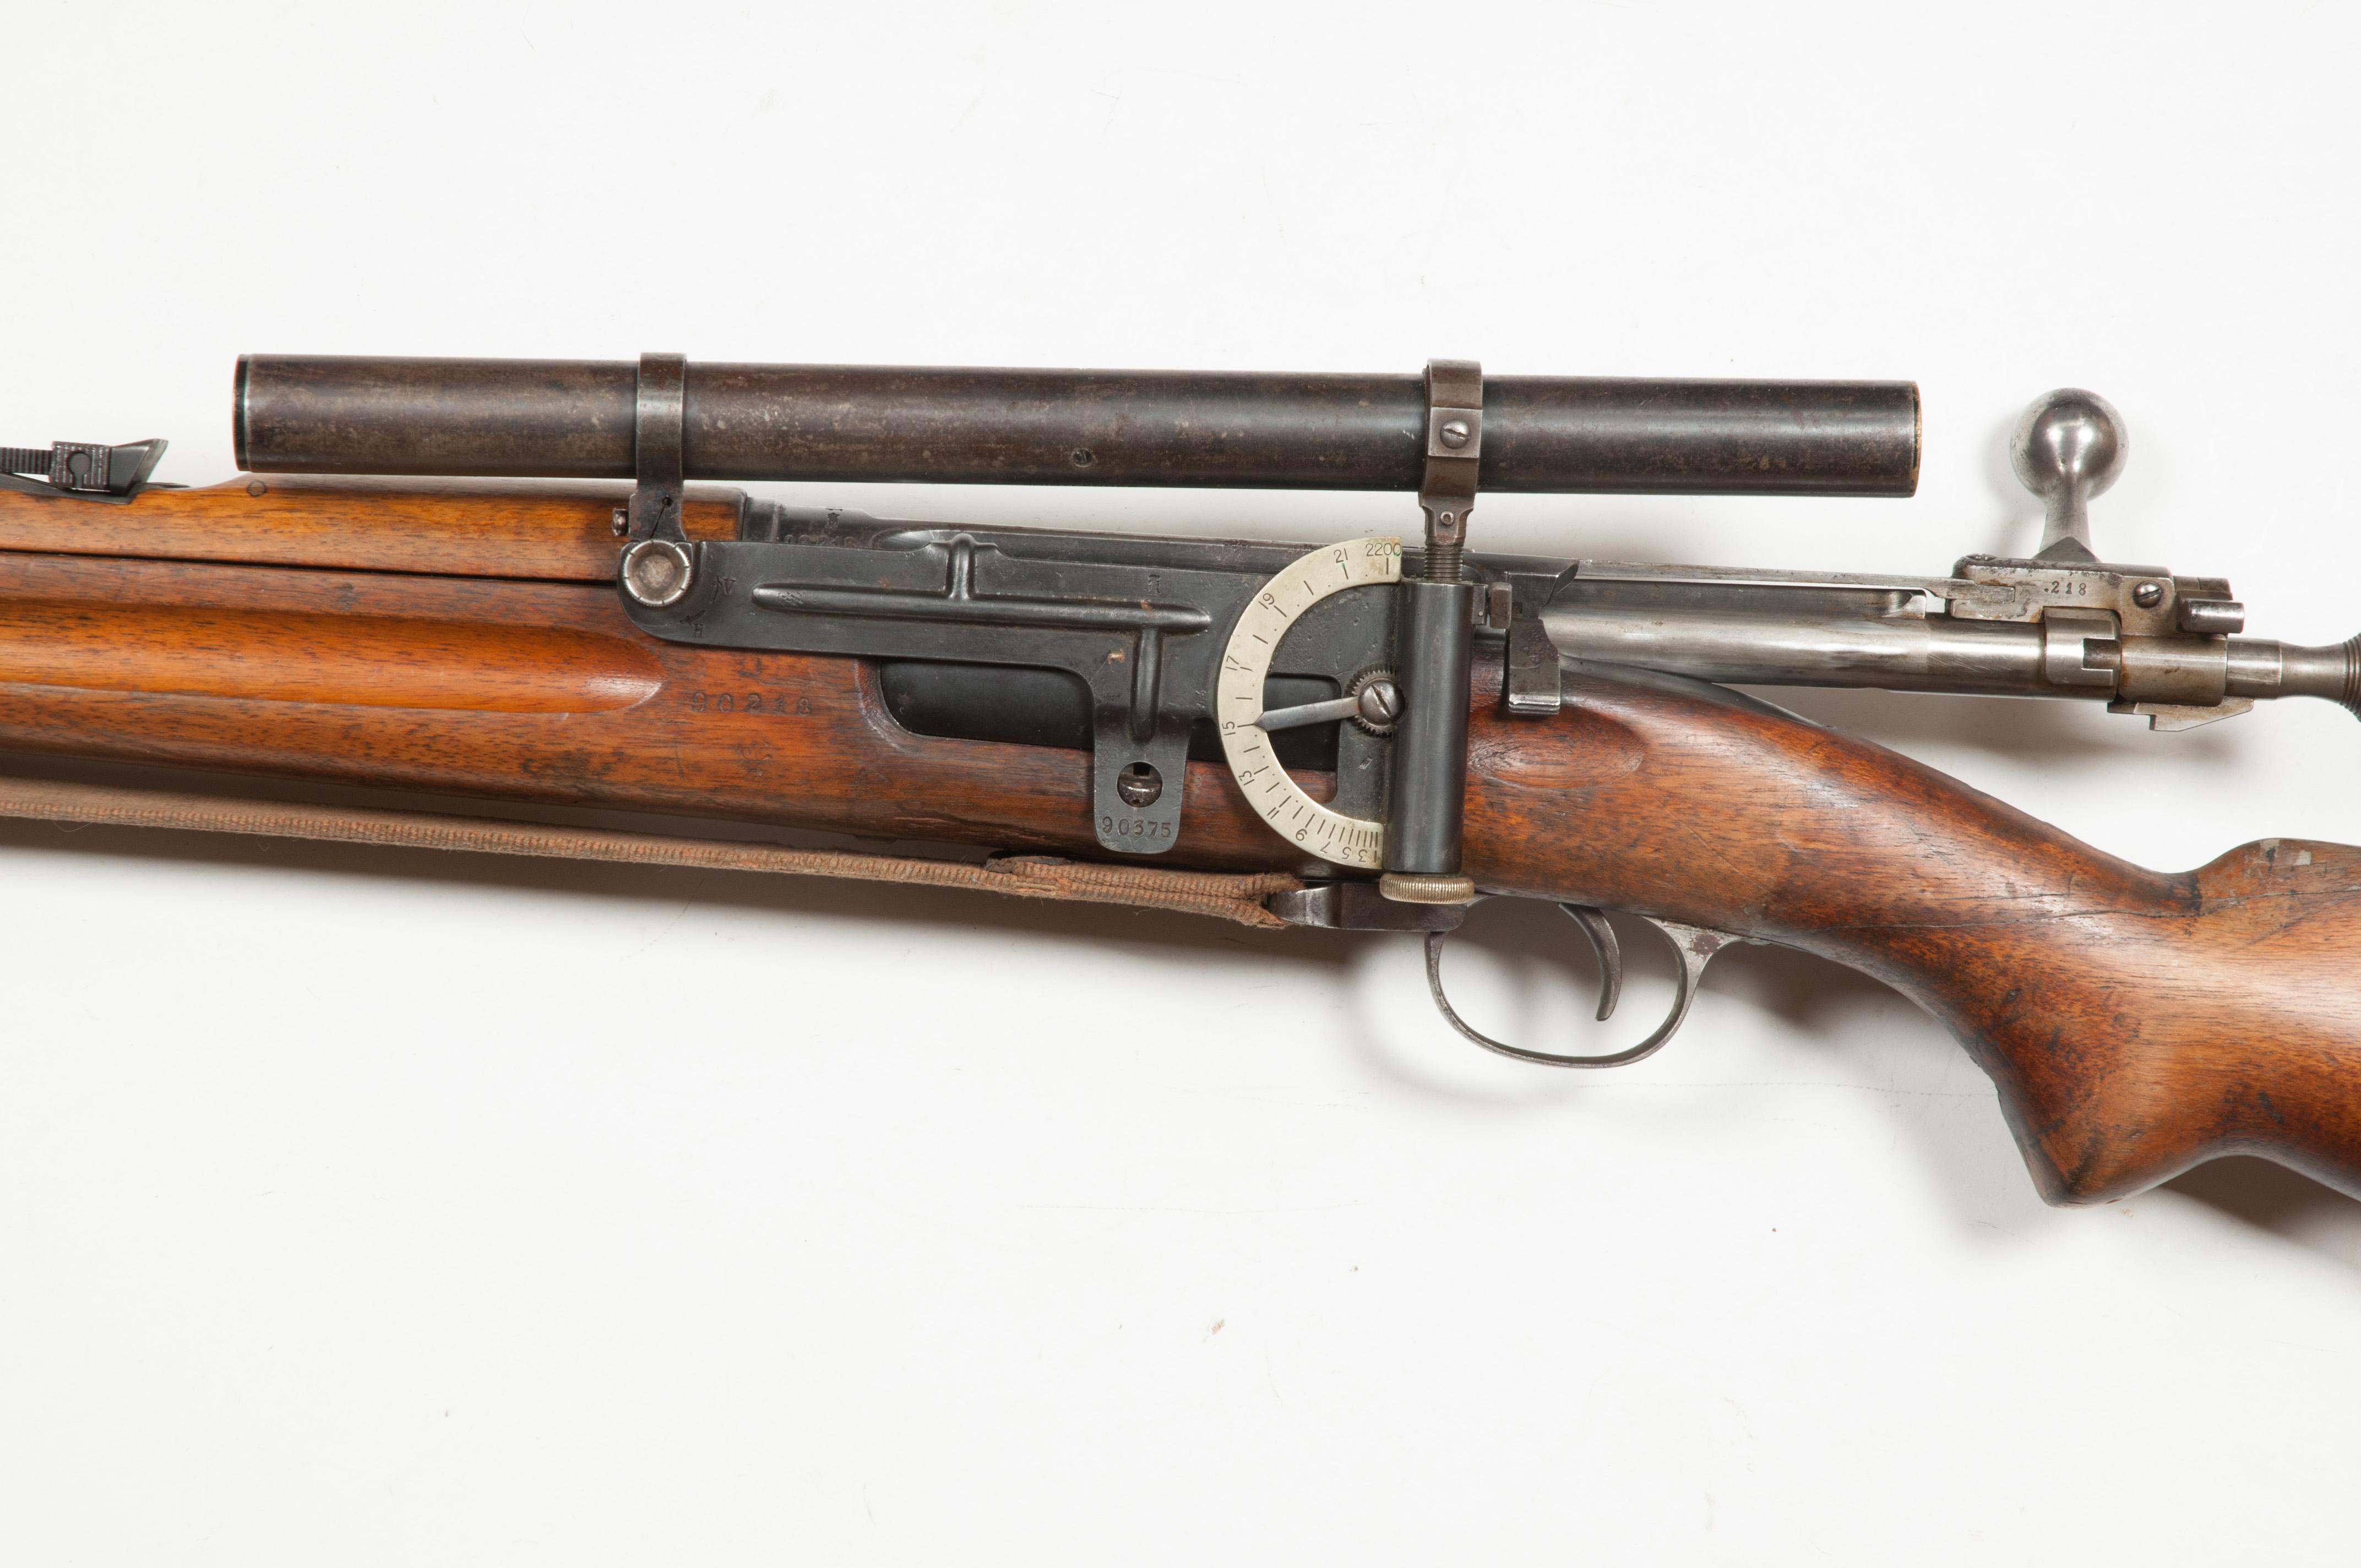 FUSIL KRAG JORGENSEN MODELE 1894 NORVEGIEN Rifle-Kongsberg-Krag-M1894-Kikkert-90218-3